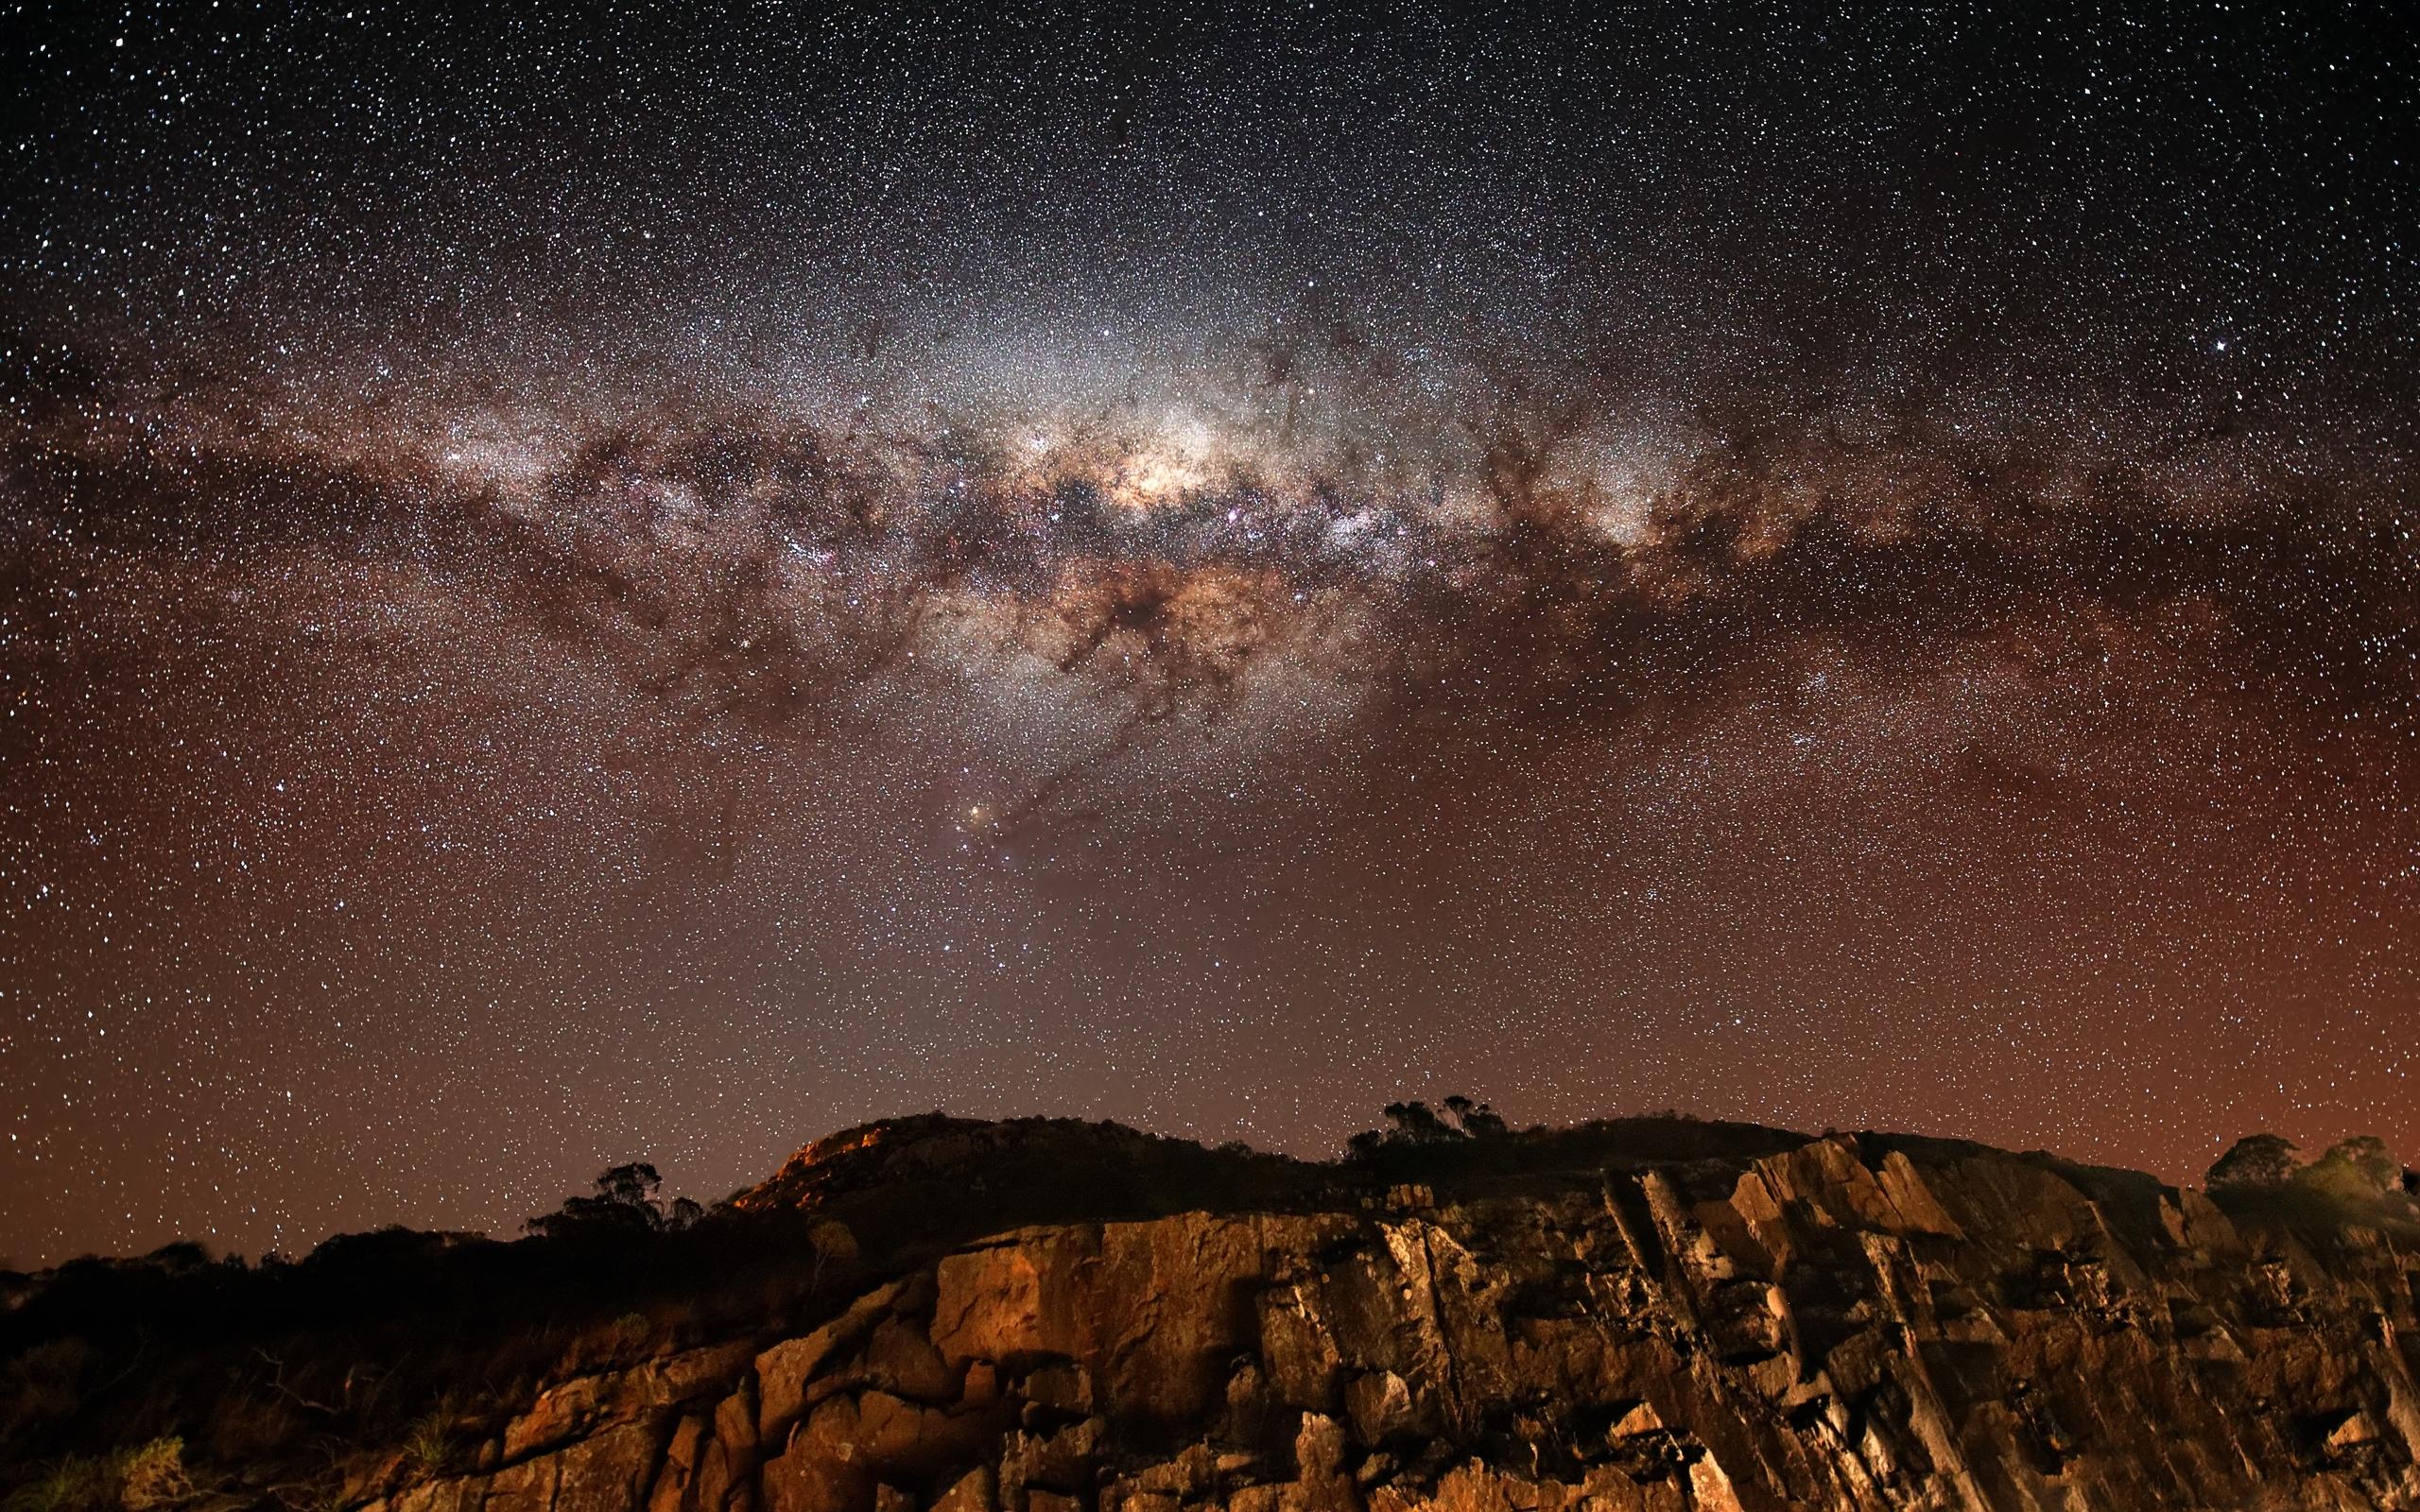 28420 Заставки и Обои Звезды на телефон. Скачать Пейзаж, Небо, Горы, Звезды, Ночь картинки бесплатно